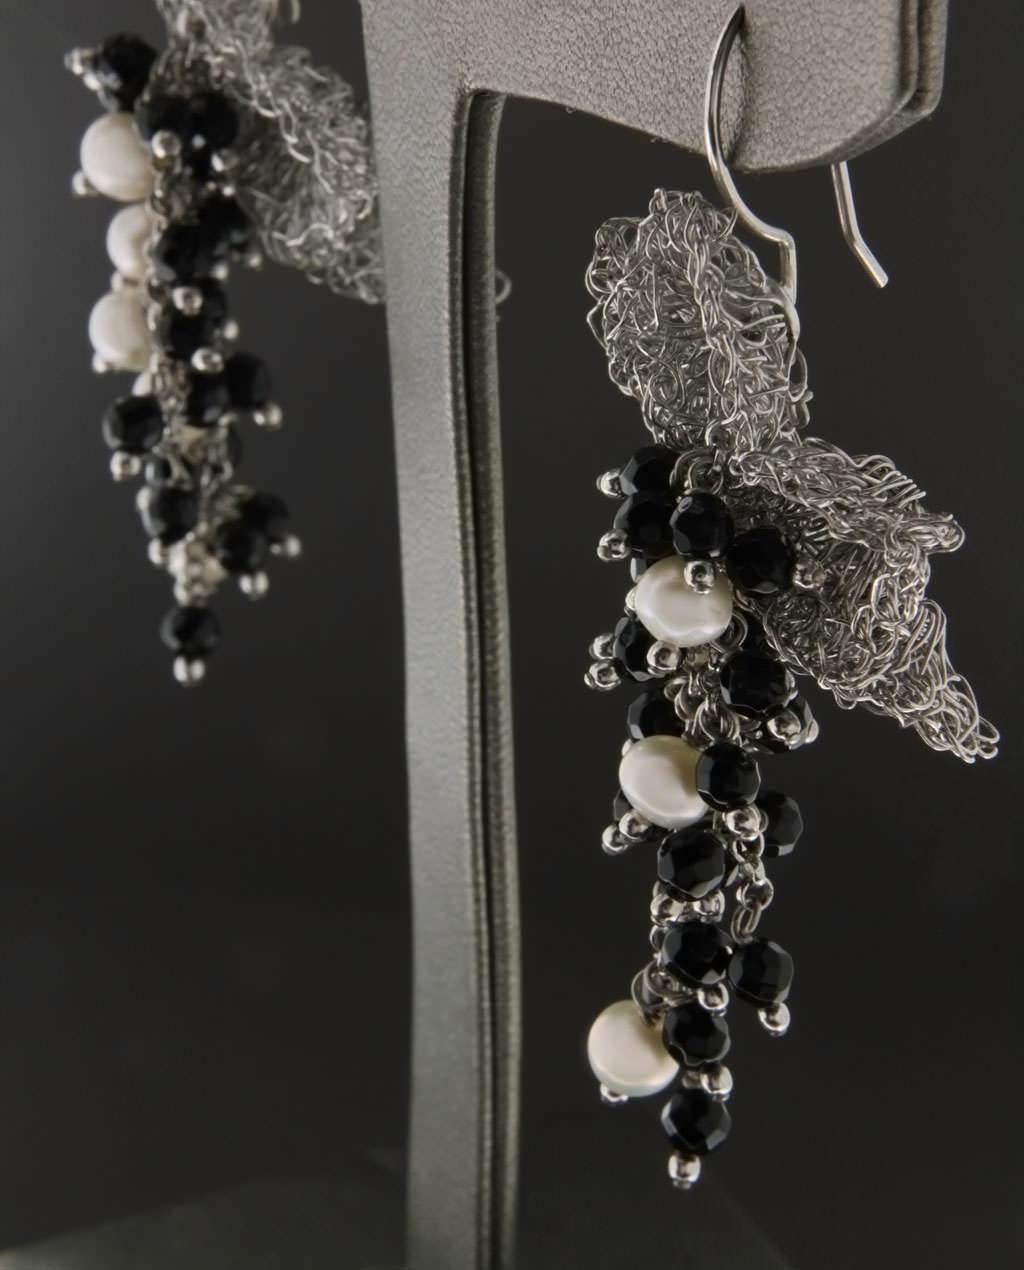 Σκουλαρίκια ασημένια με Μαργαριτάρια & Όνυχα   γυναικα σκουλαρίκια σκουλαρίκια ασημένια